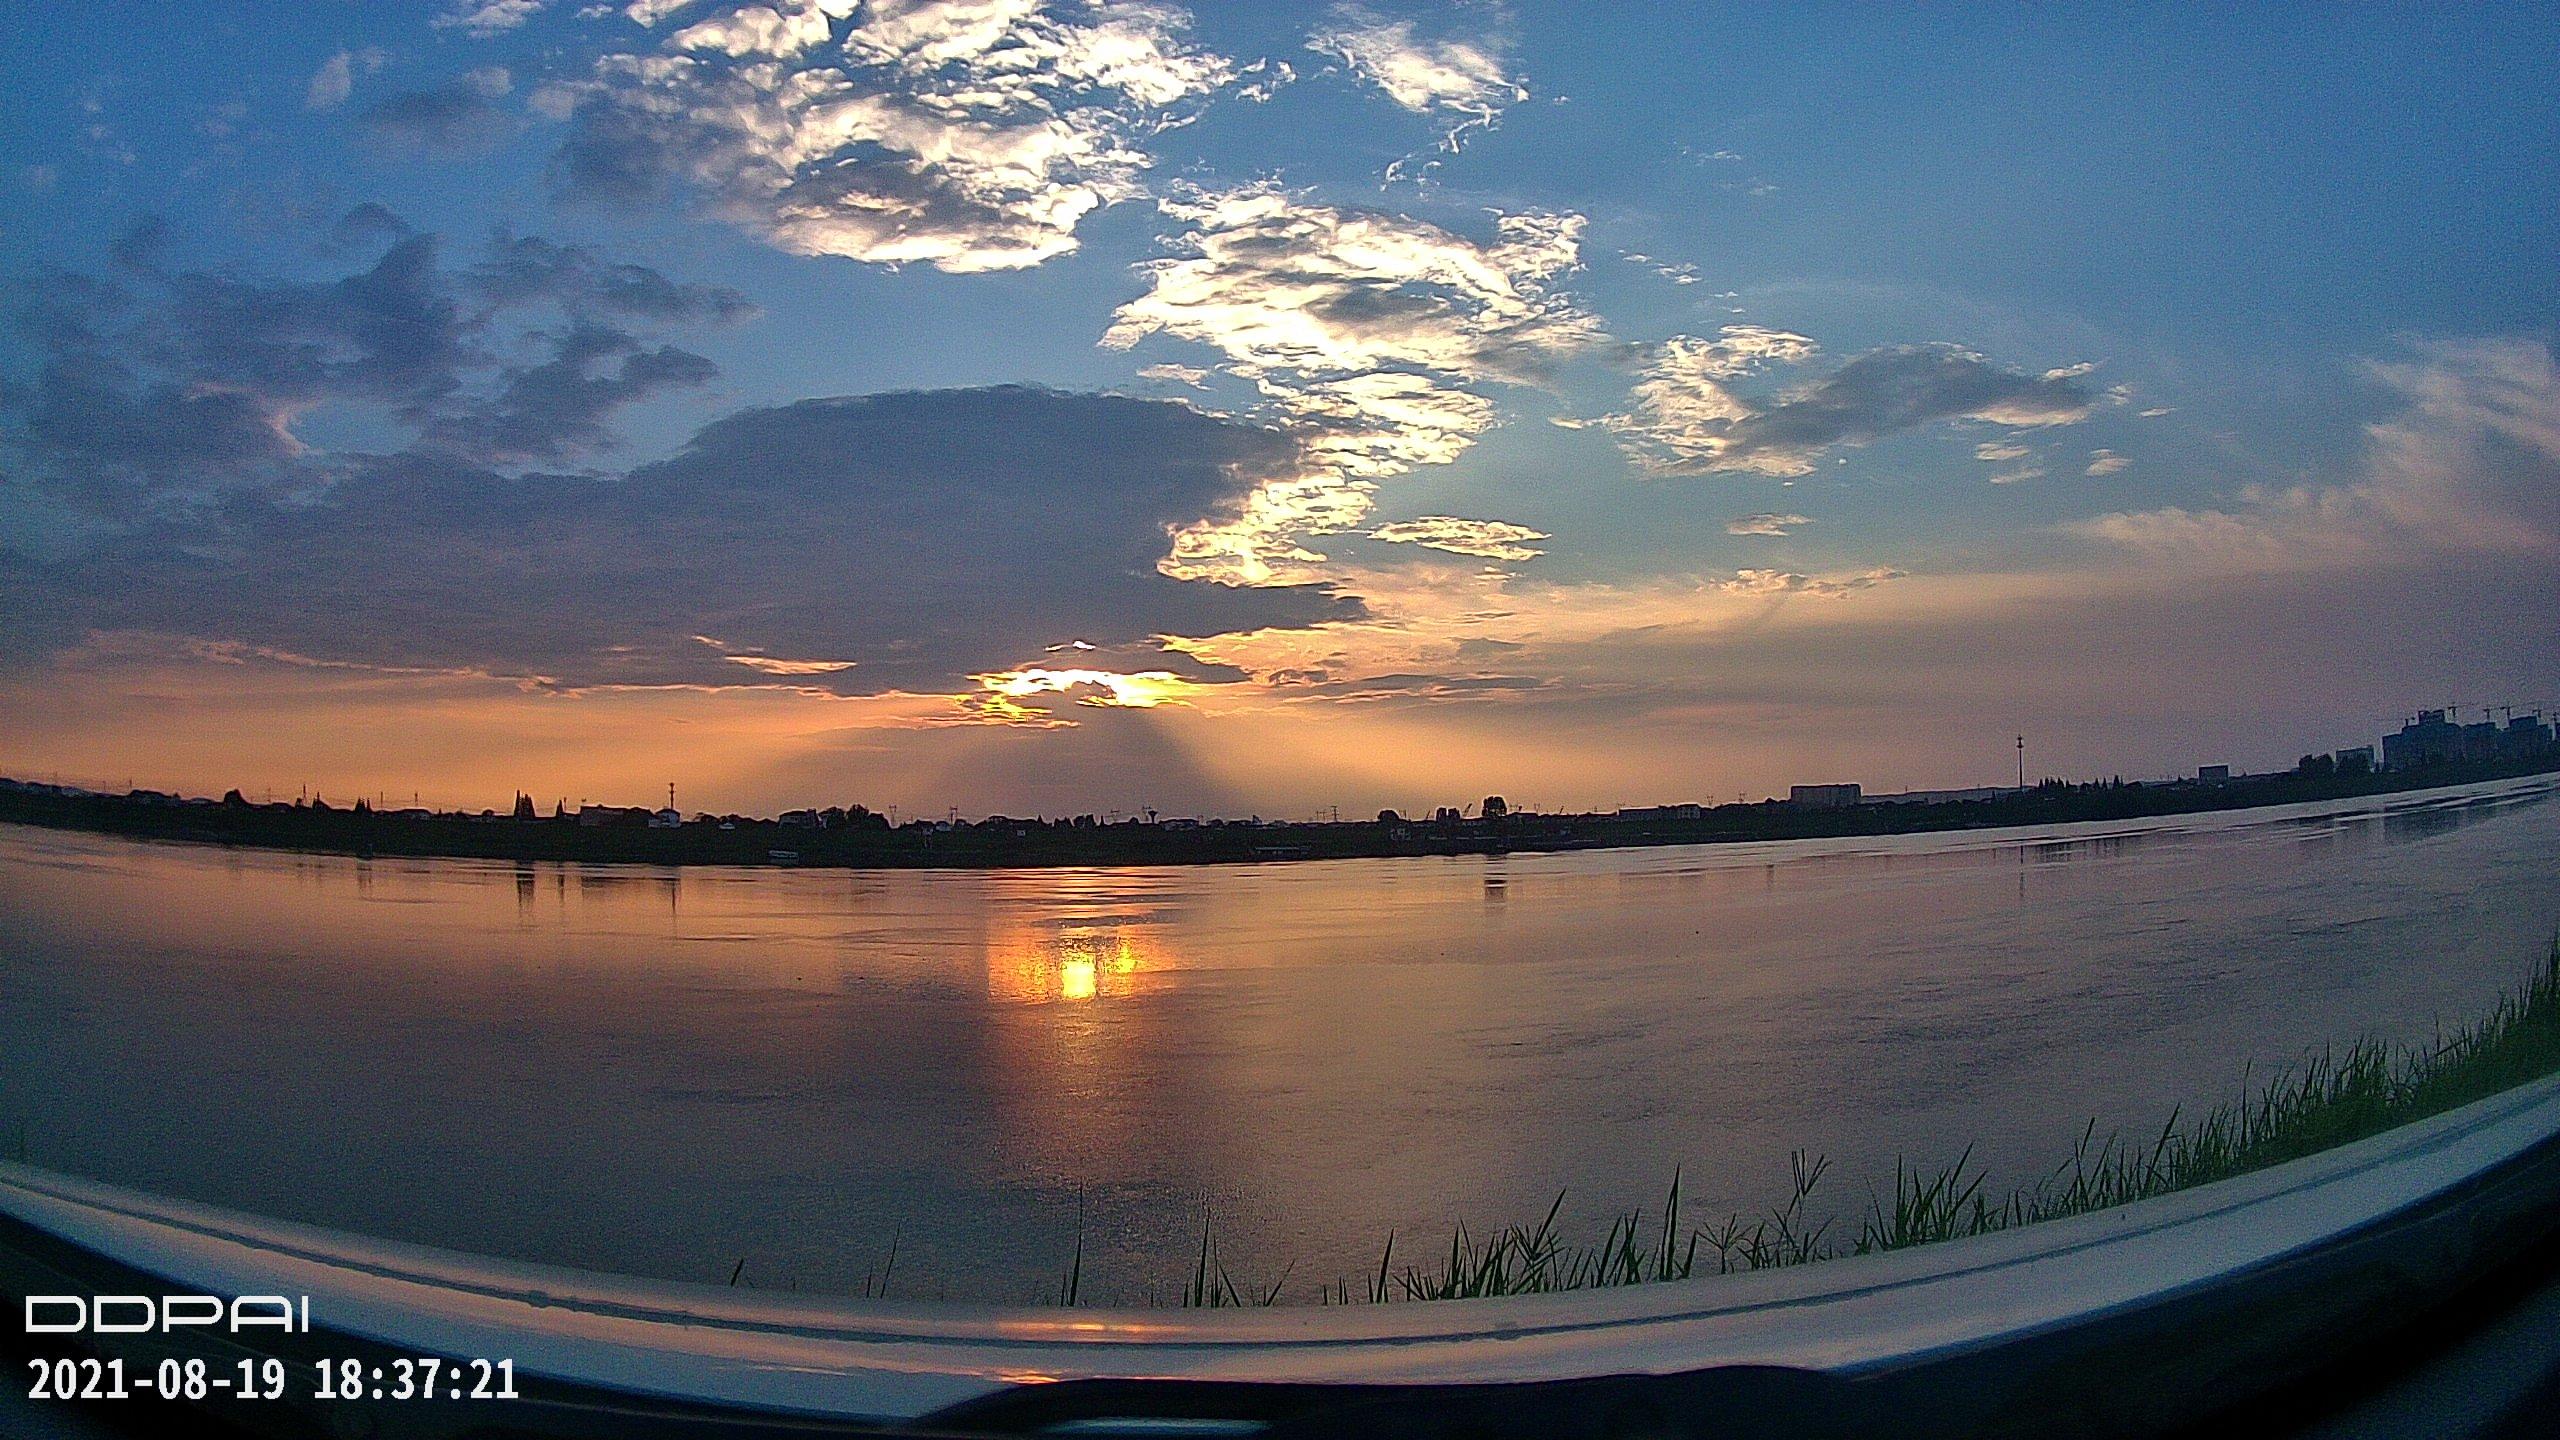 夕阳西下 很久很久没有见过这种风景了  视频 常德 第1张